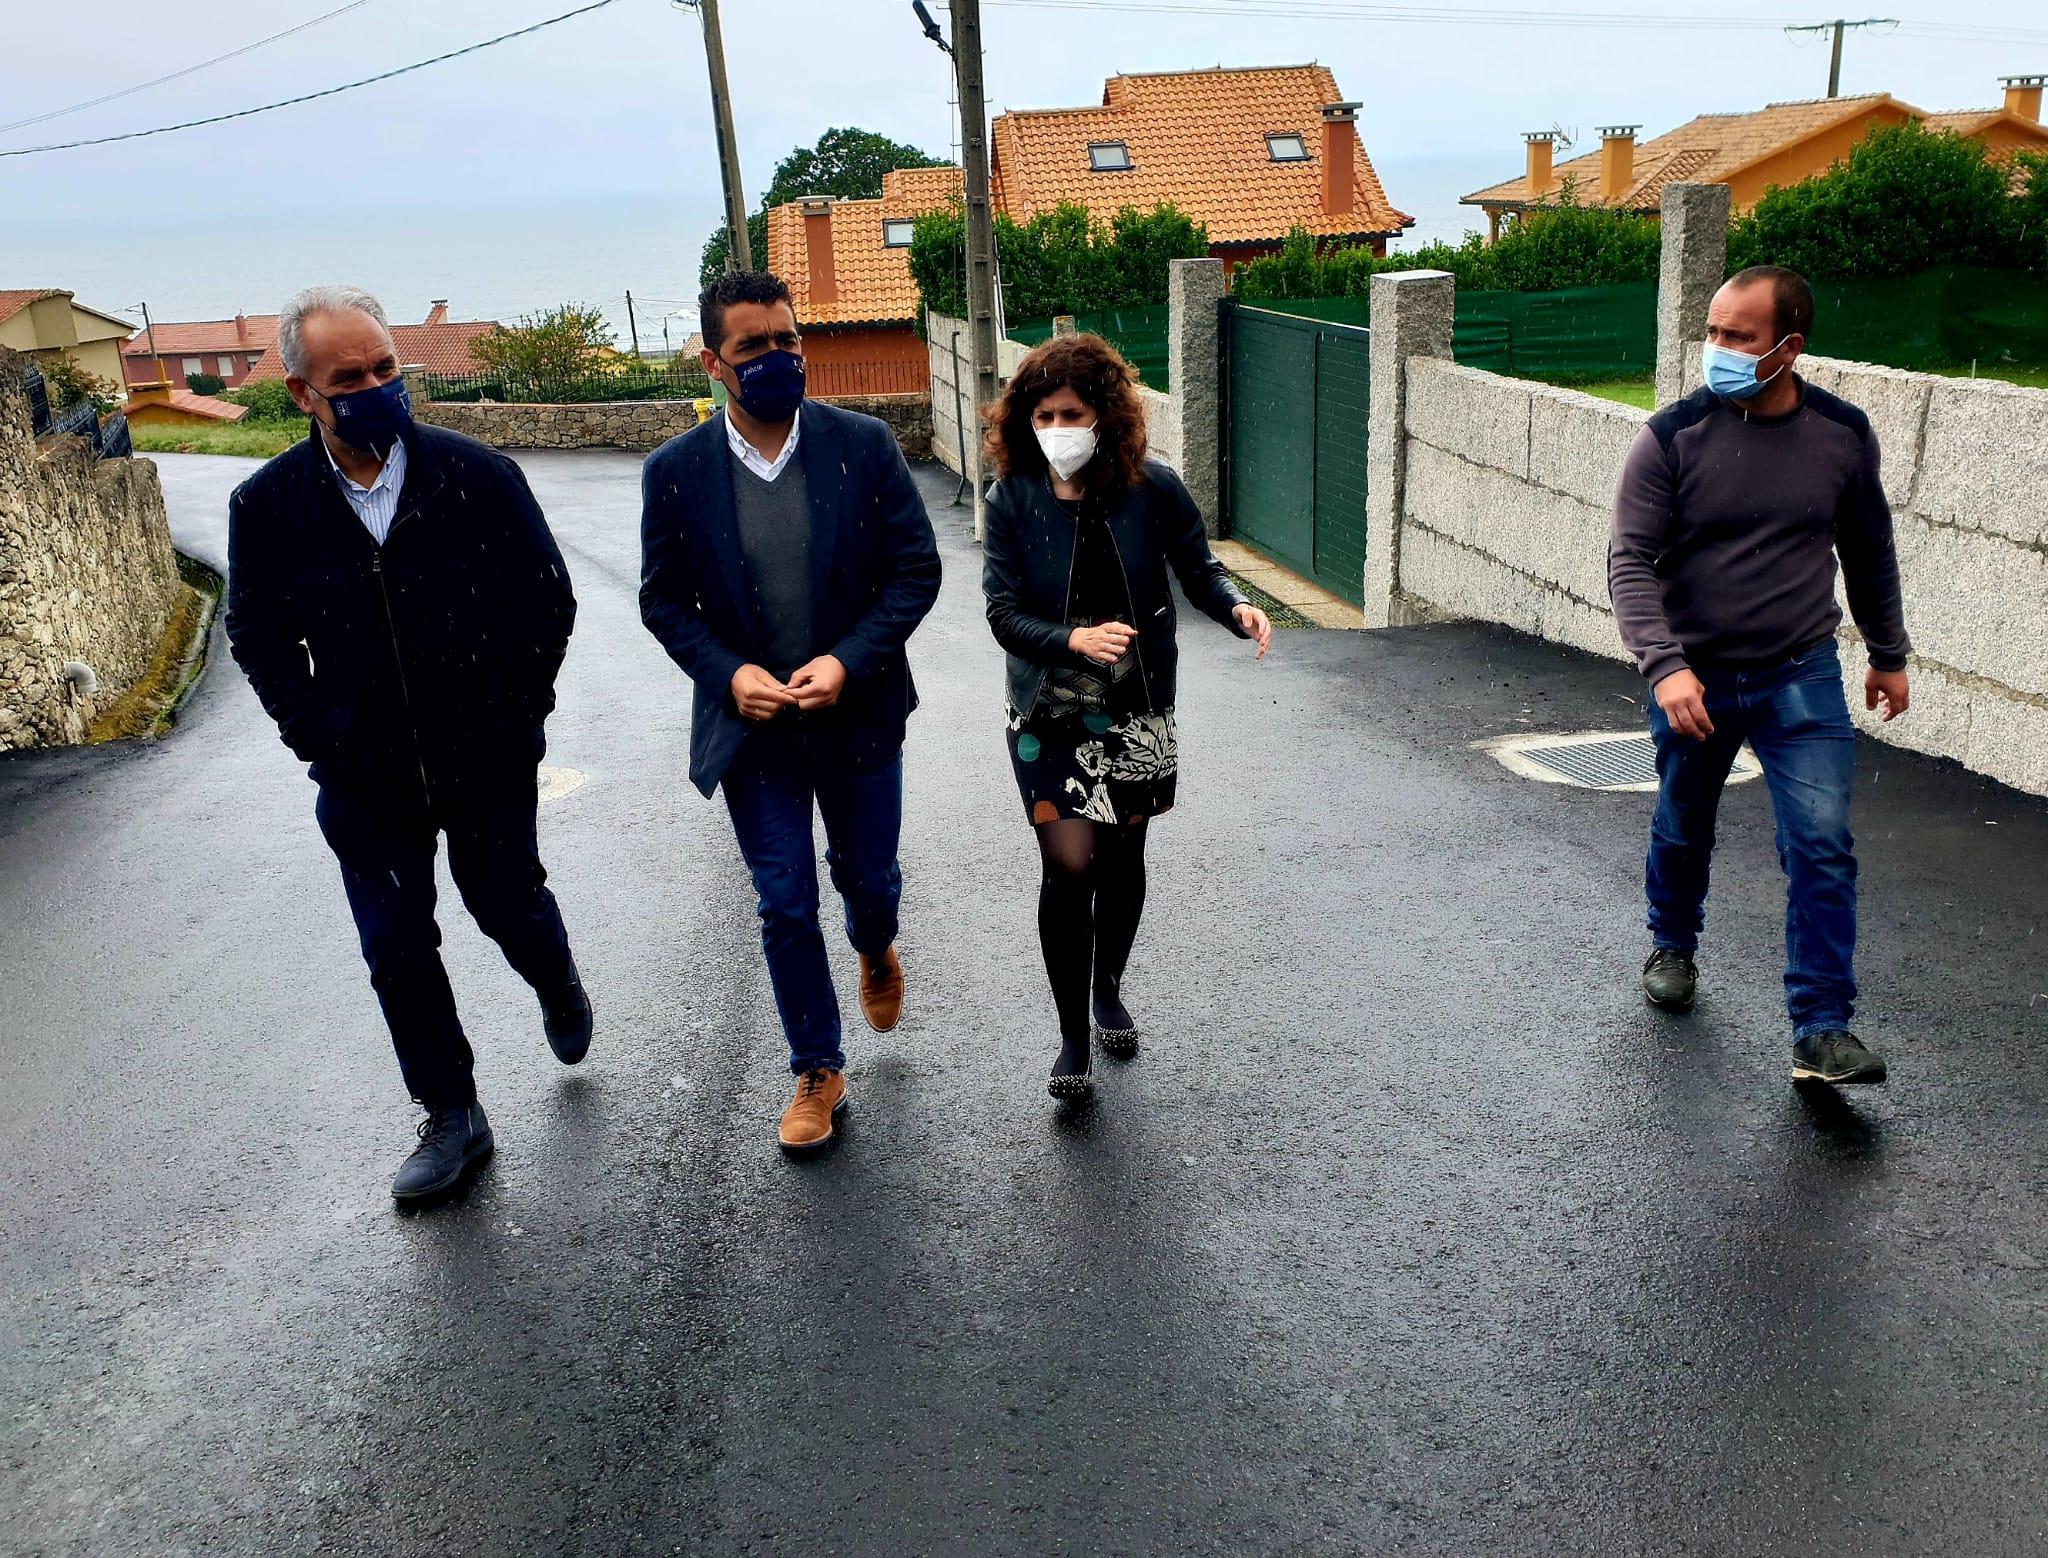 A Xunta dota este ano dun orzamento de máis de 200.000€ á bisbarra do Baixo Miño para a mellora de camiños municipais ao abeiro do Plan Marco